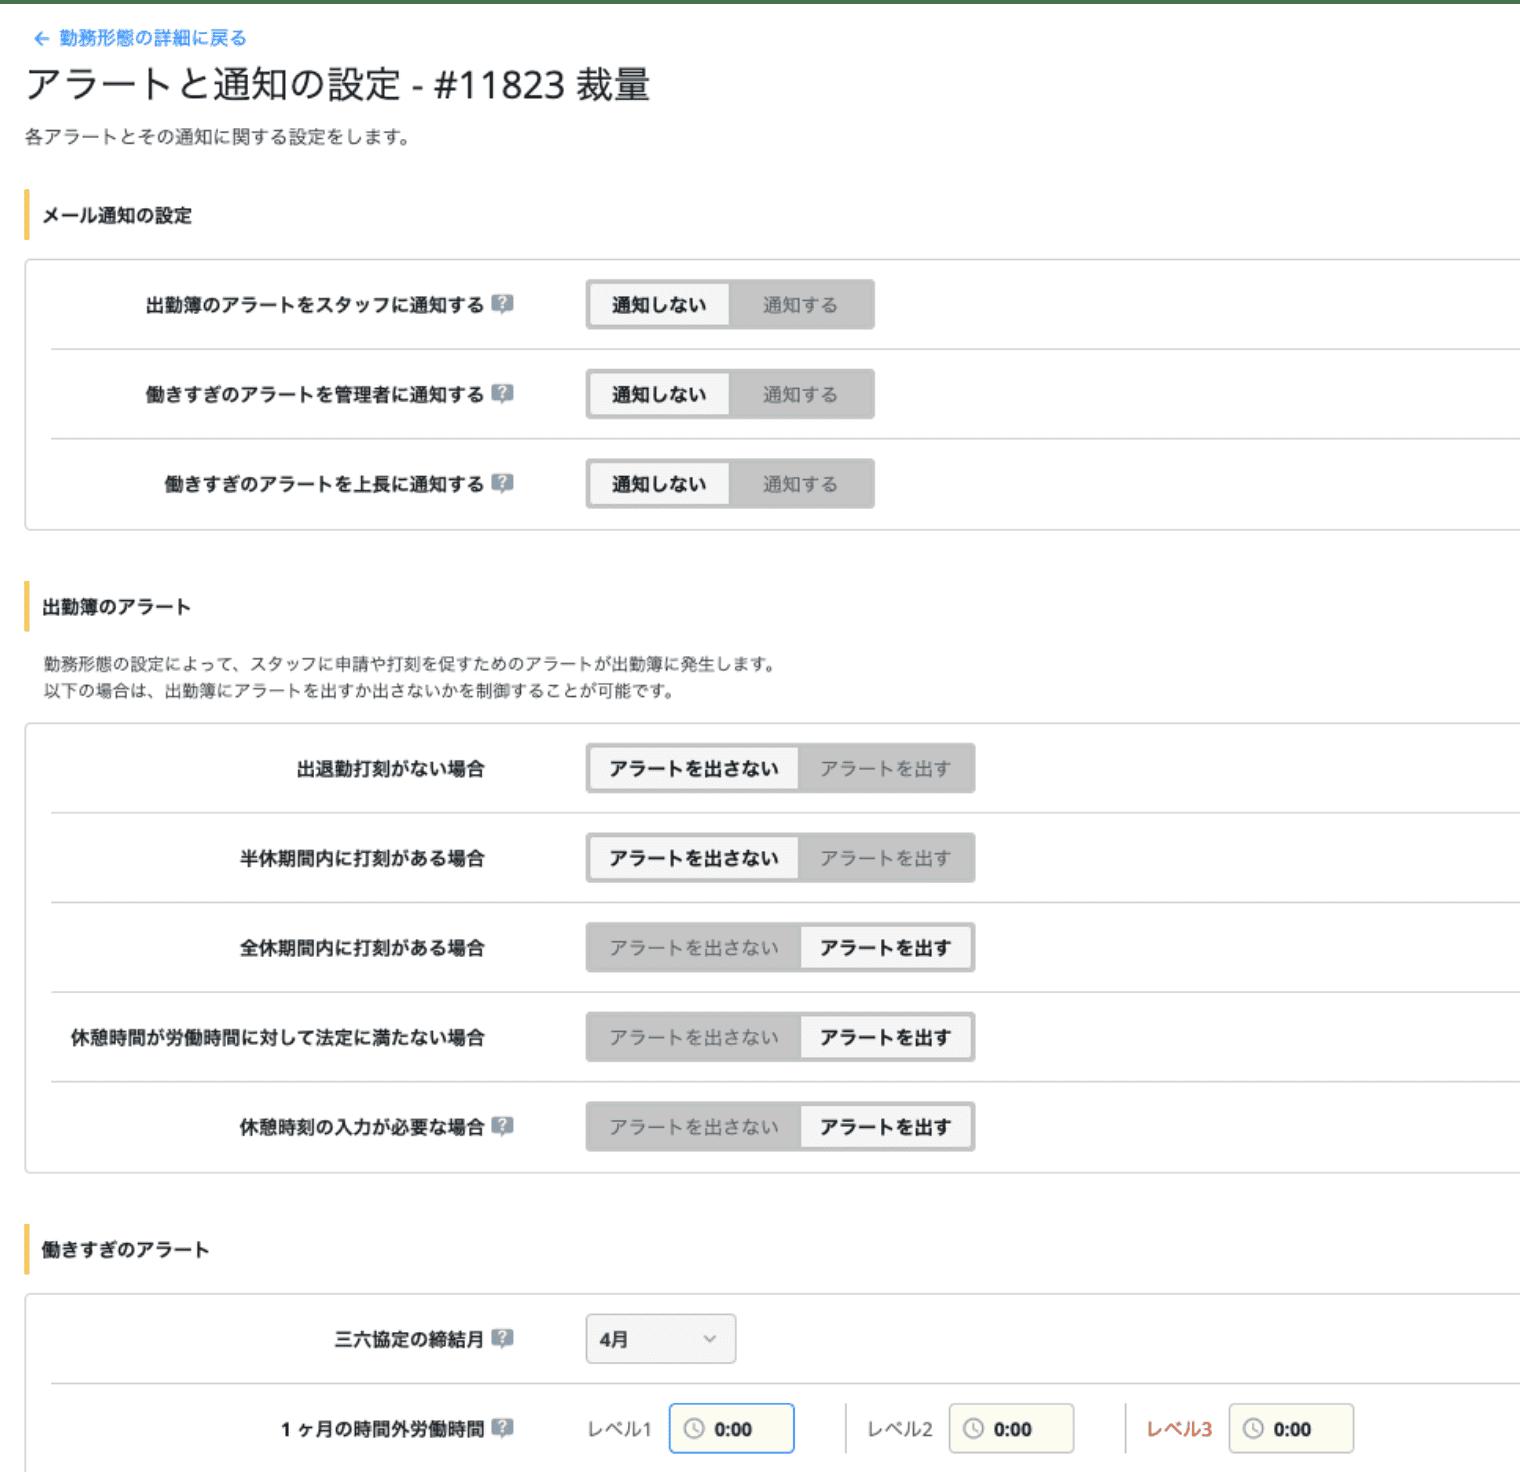 rakumo キンタイ アラート設定画面